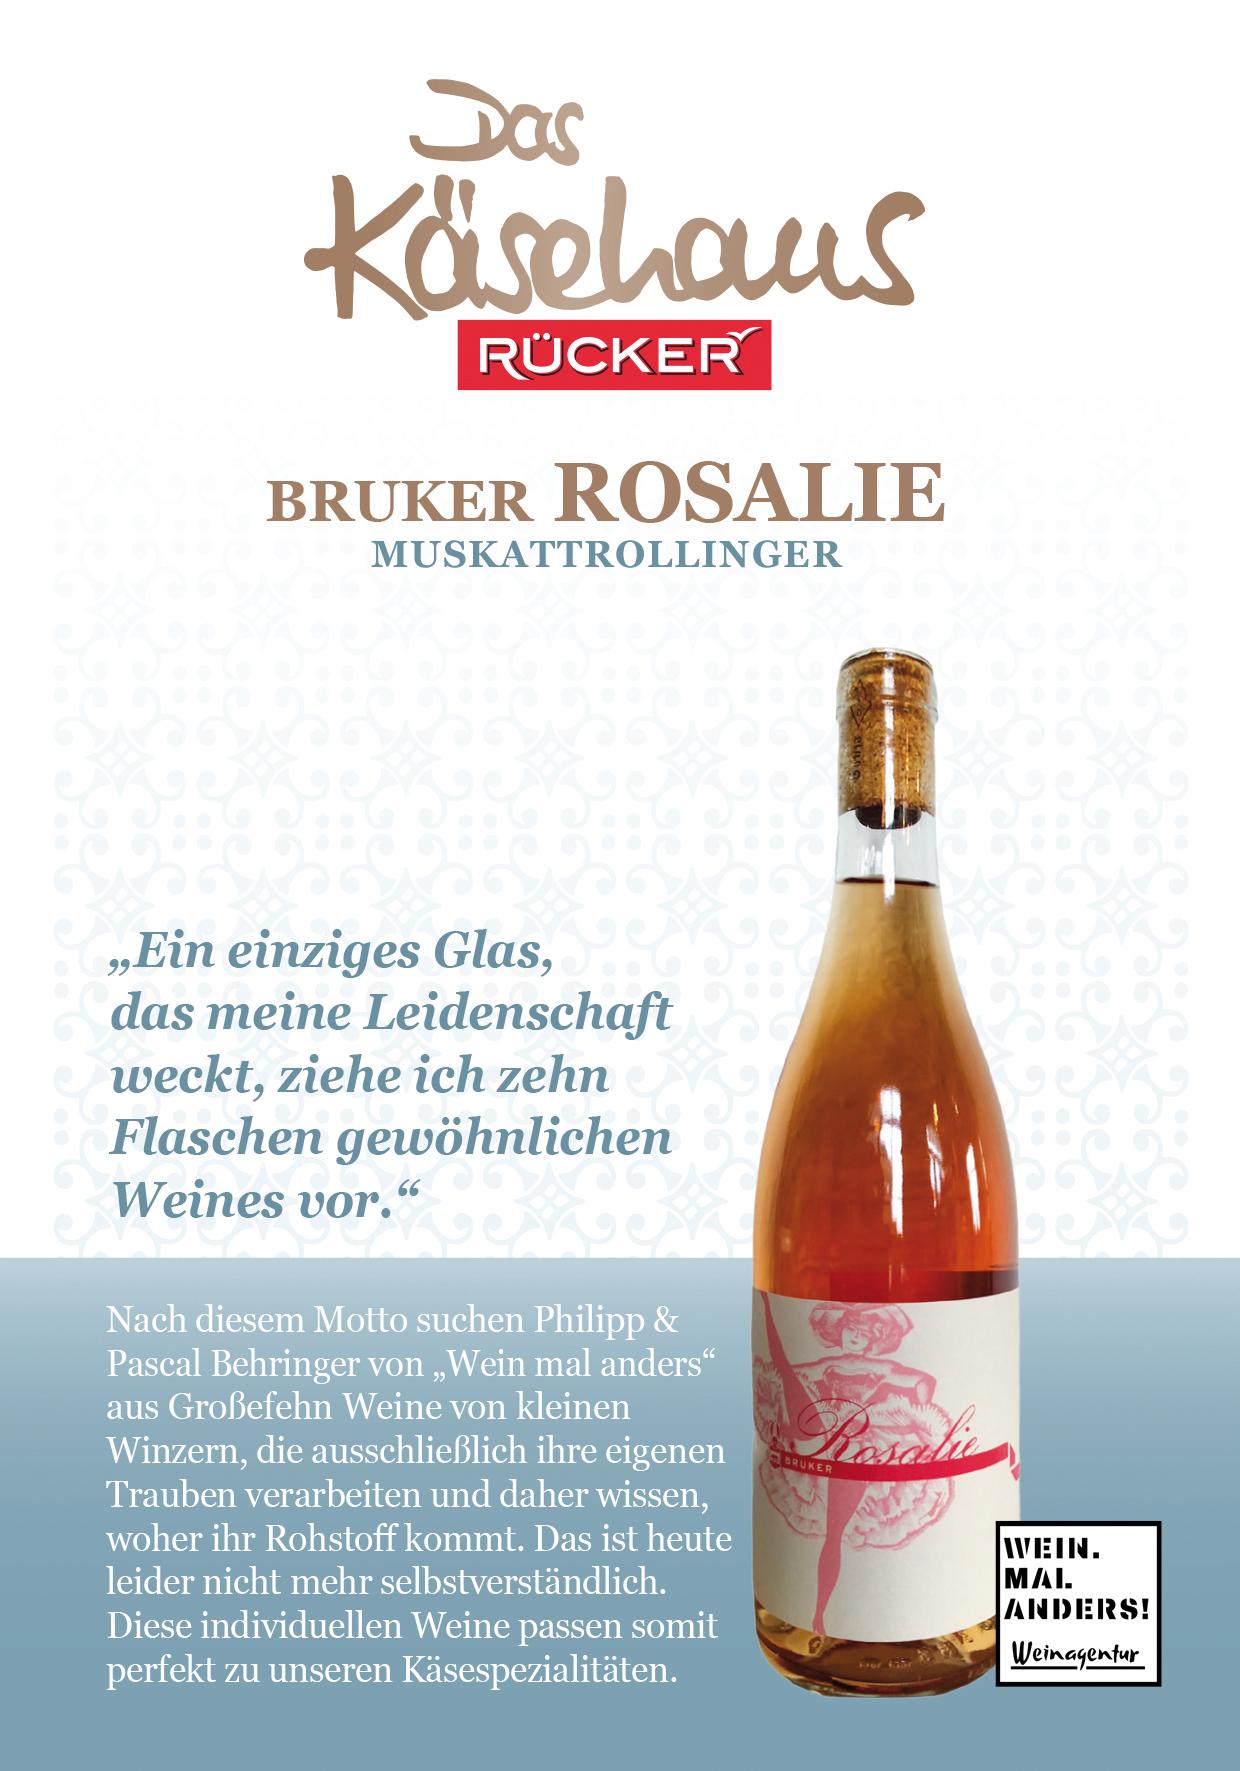 BRUKER Rosalie - Muskattrollinger